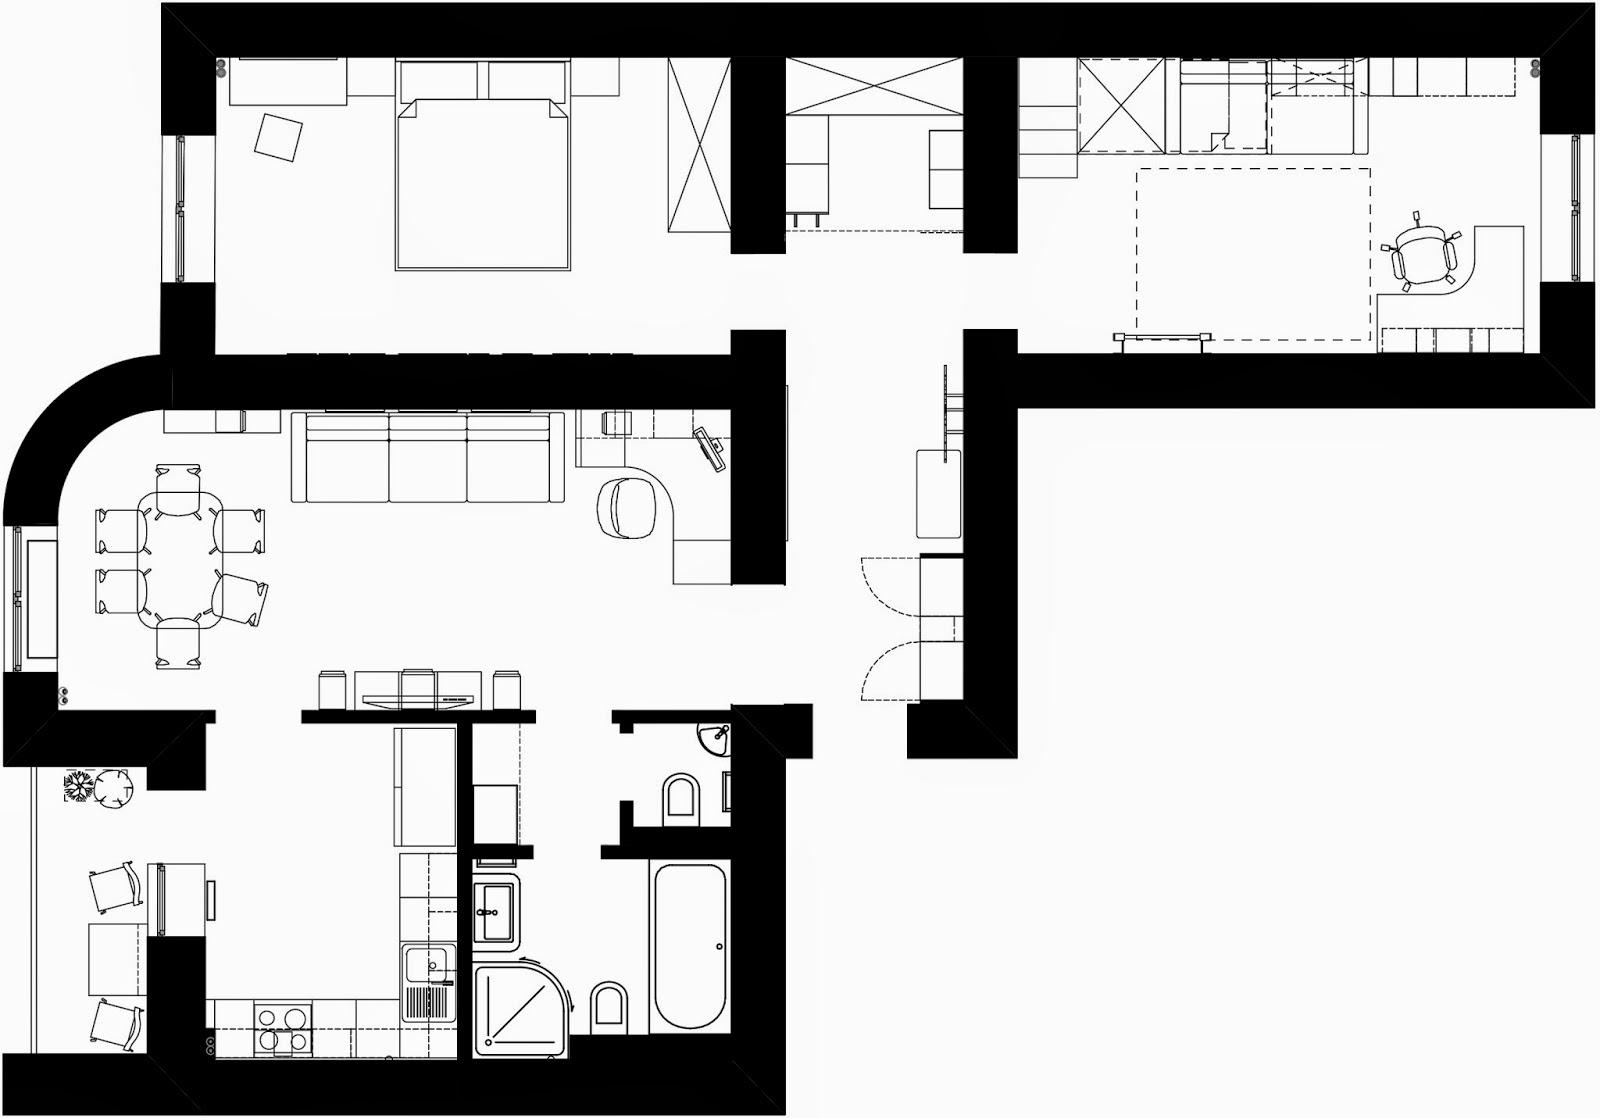 План квартиры площадью 100 м.кв в ЖК Чайка